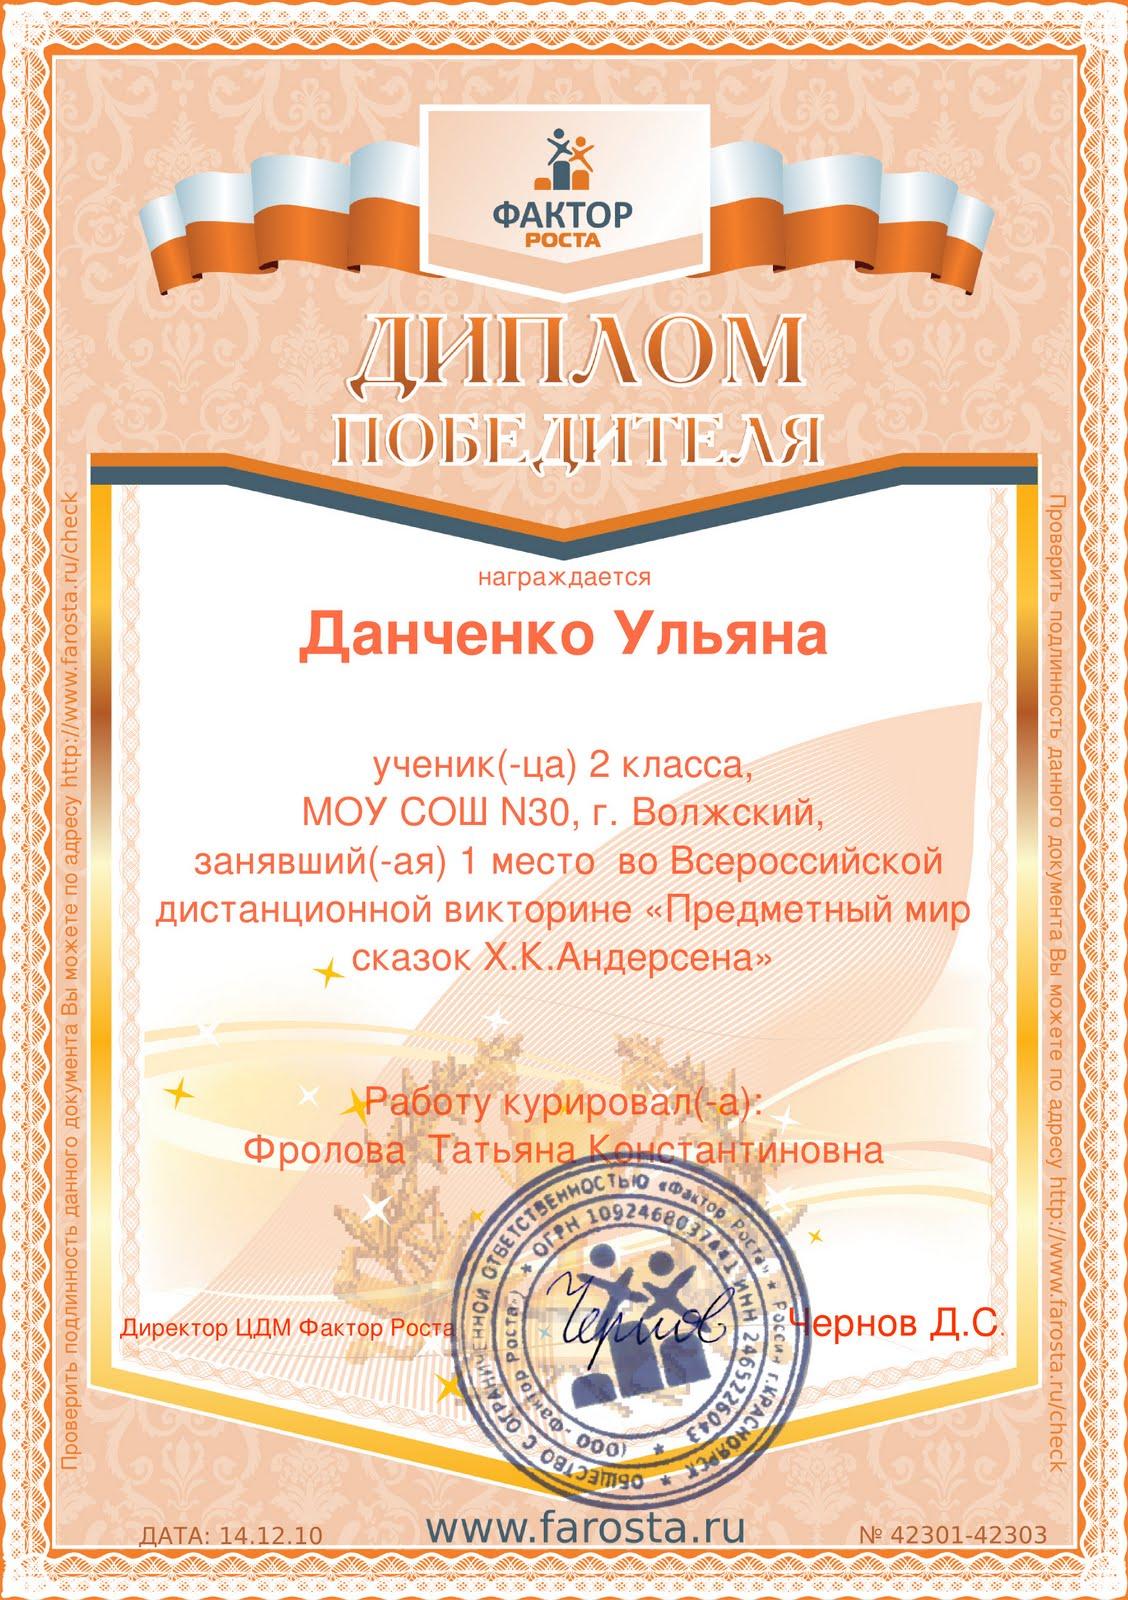 Сад дементьева победитель всероссийских конкурсов